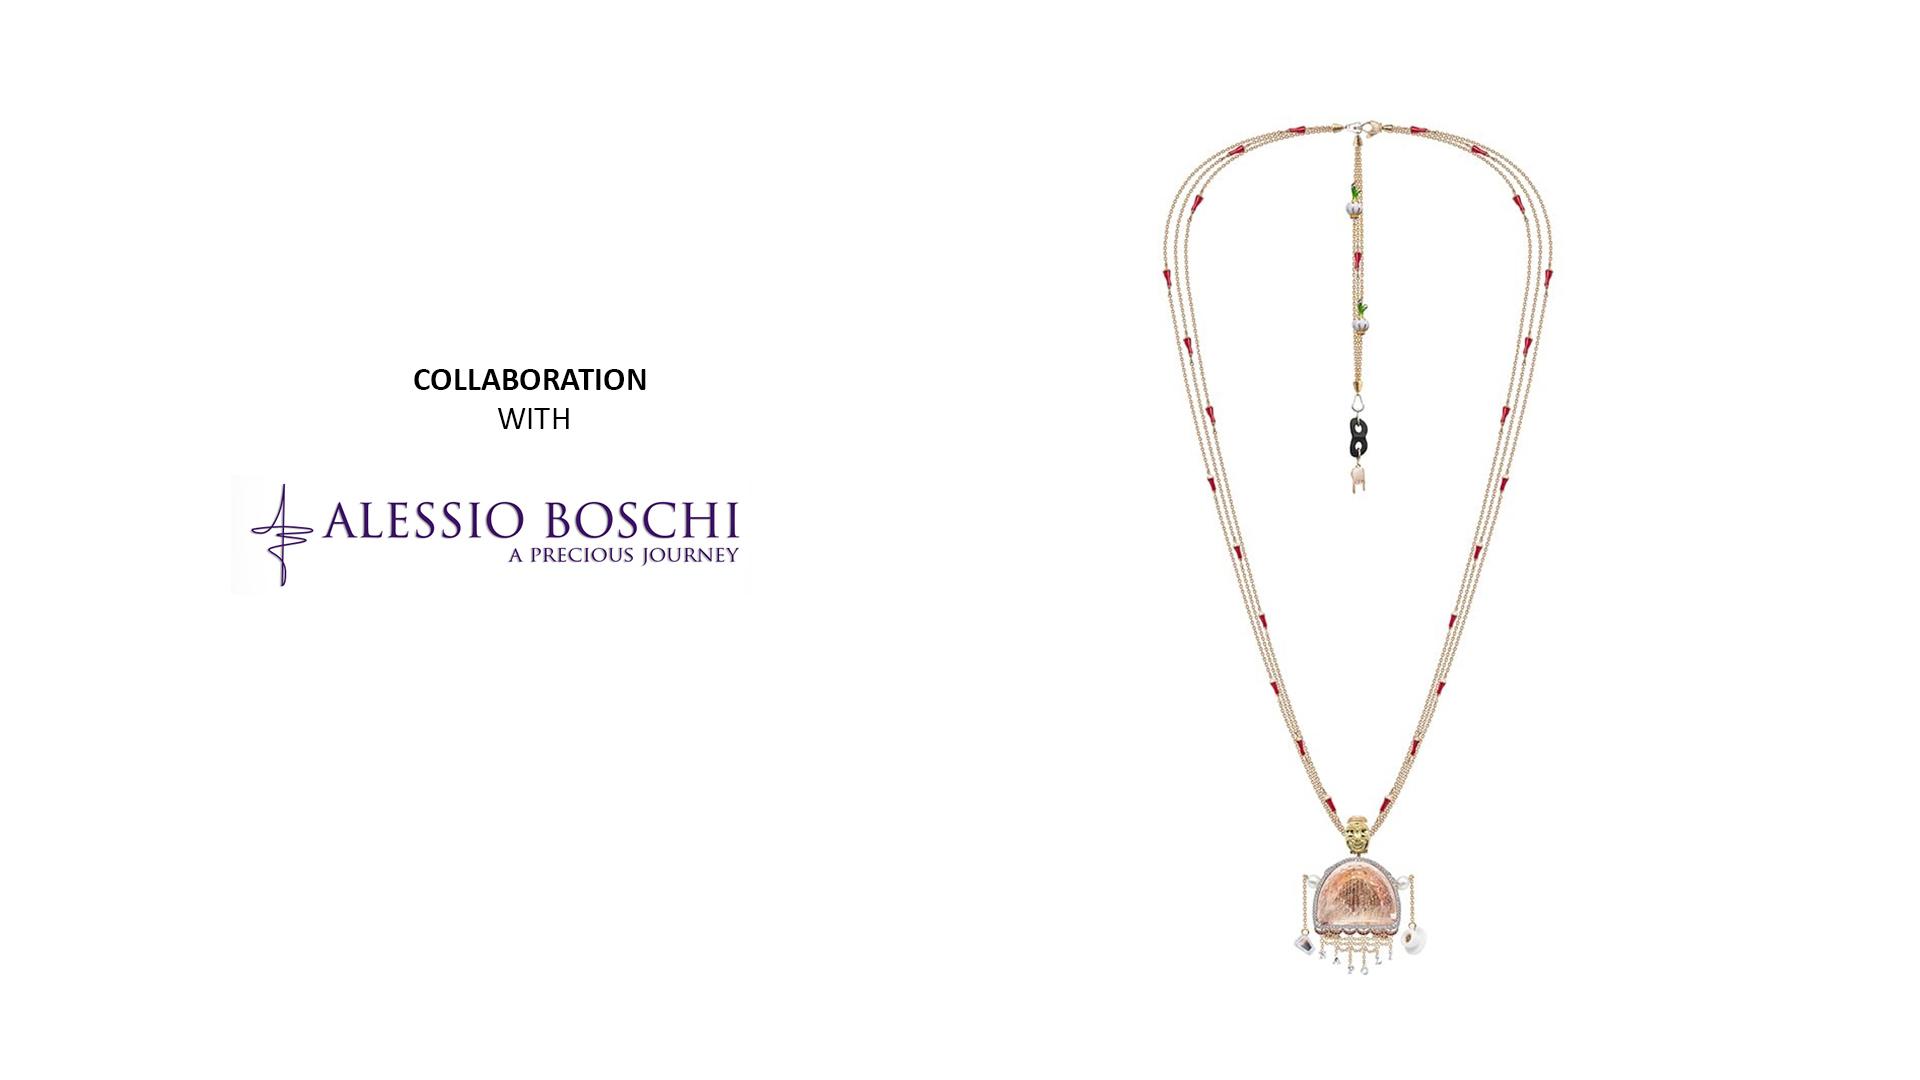 بهمن فکوری و همکاری با Alessio Boschi | طراحی طلا و جواهر